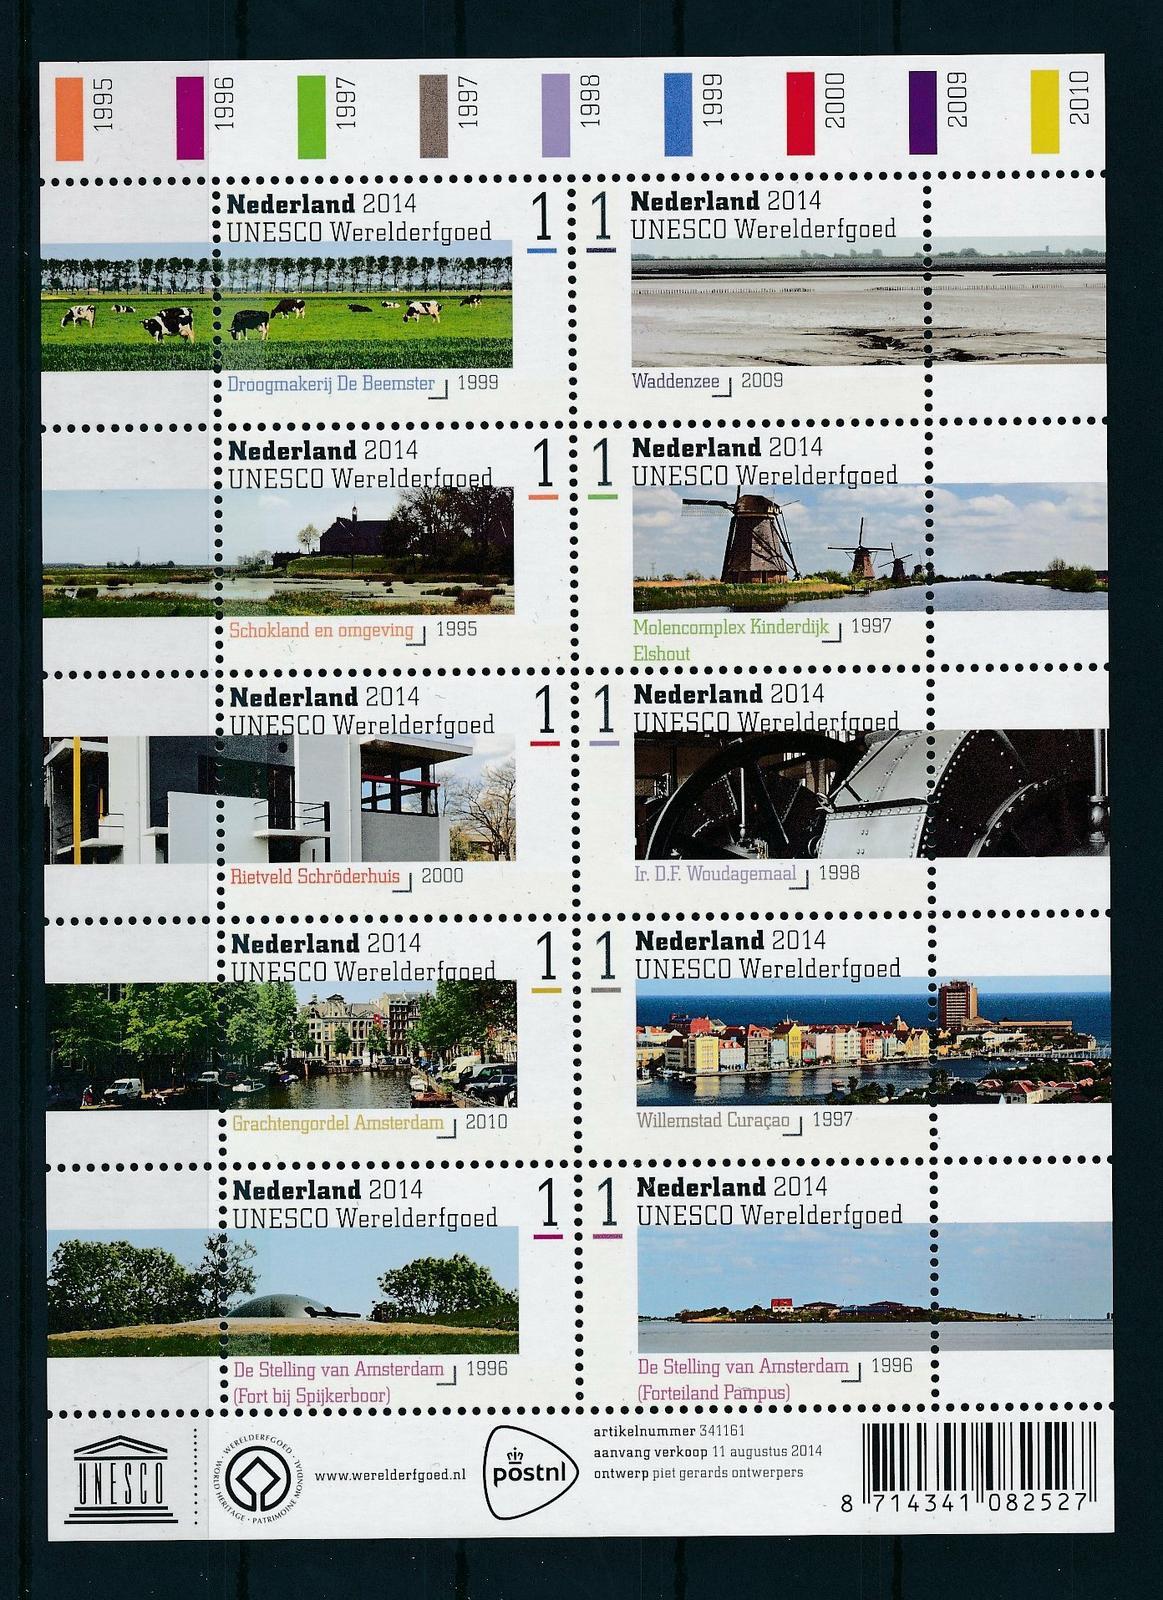 Nederland 2014 Unesco Werelderfgoed velletje  3209-18